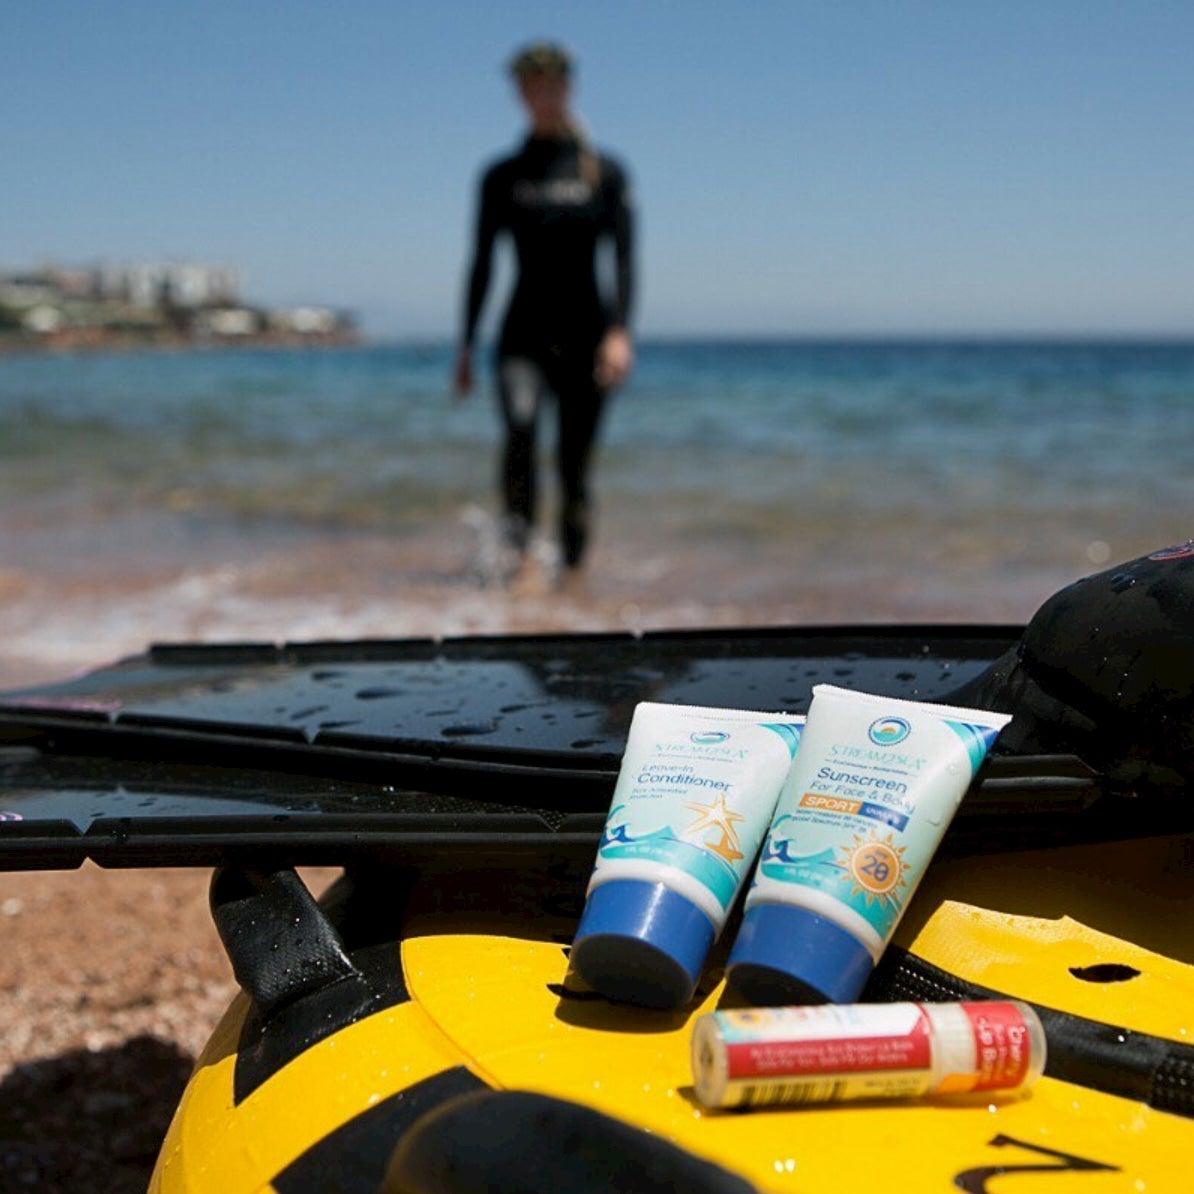 Stream2Sea sunscreen on a raft on a beach.